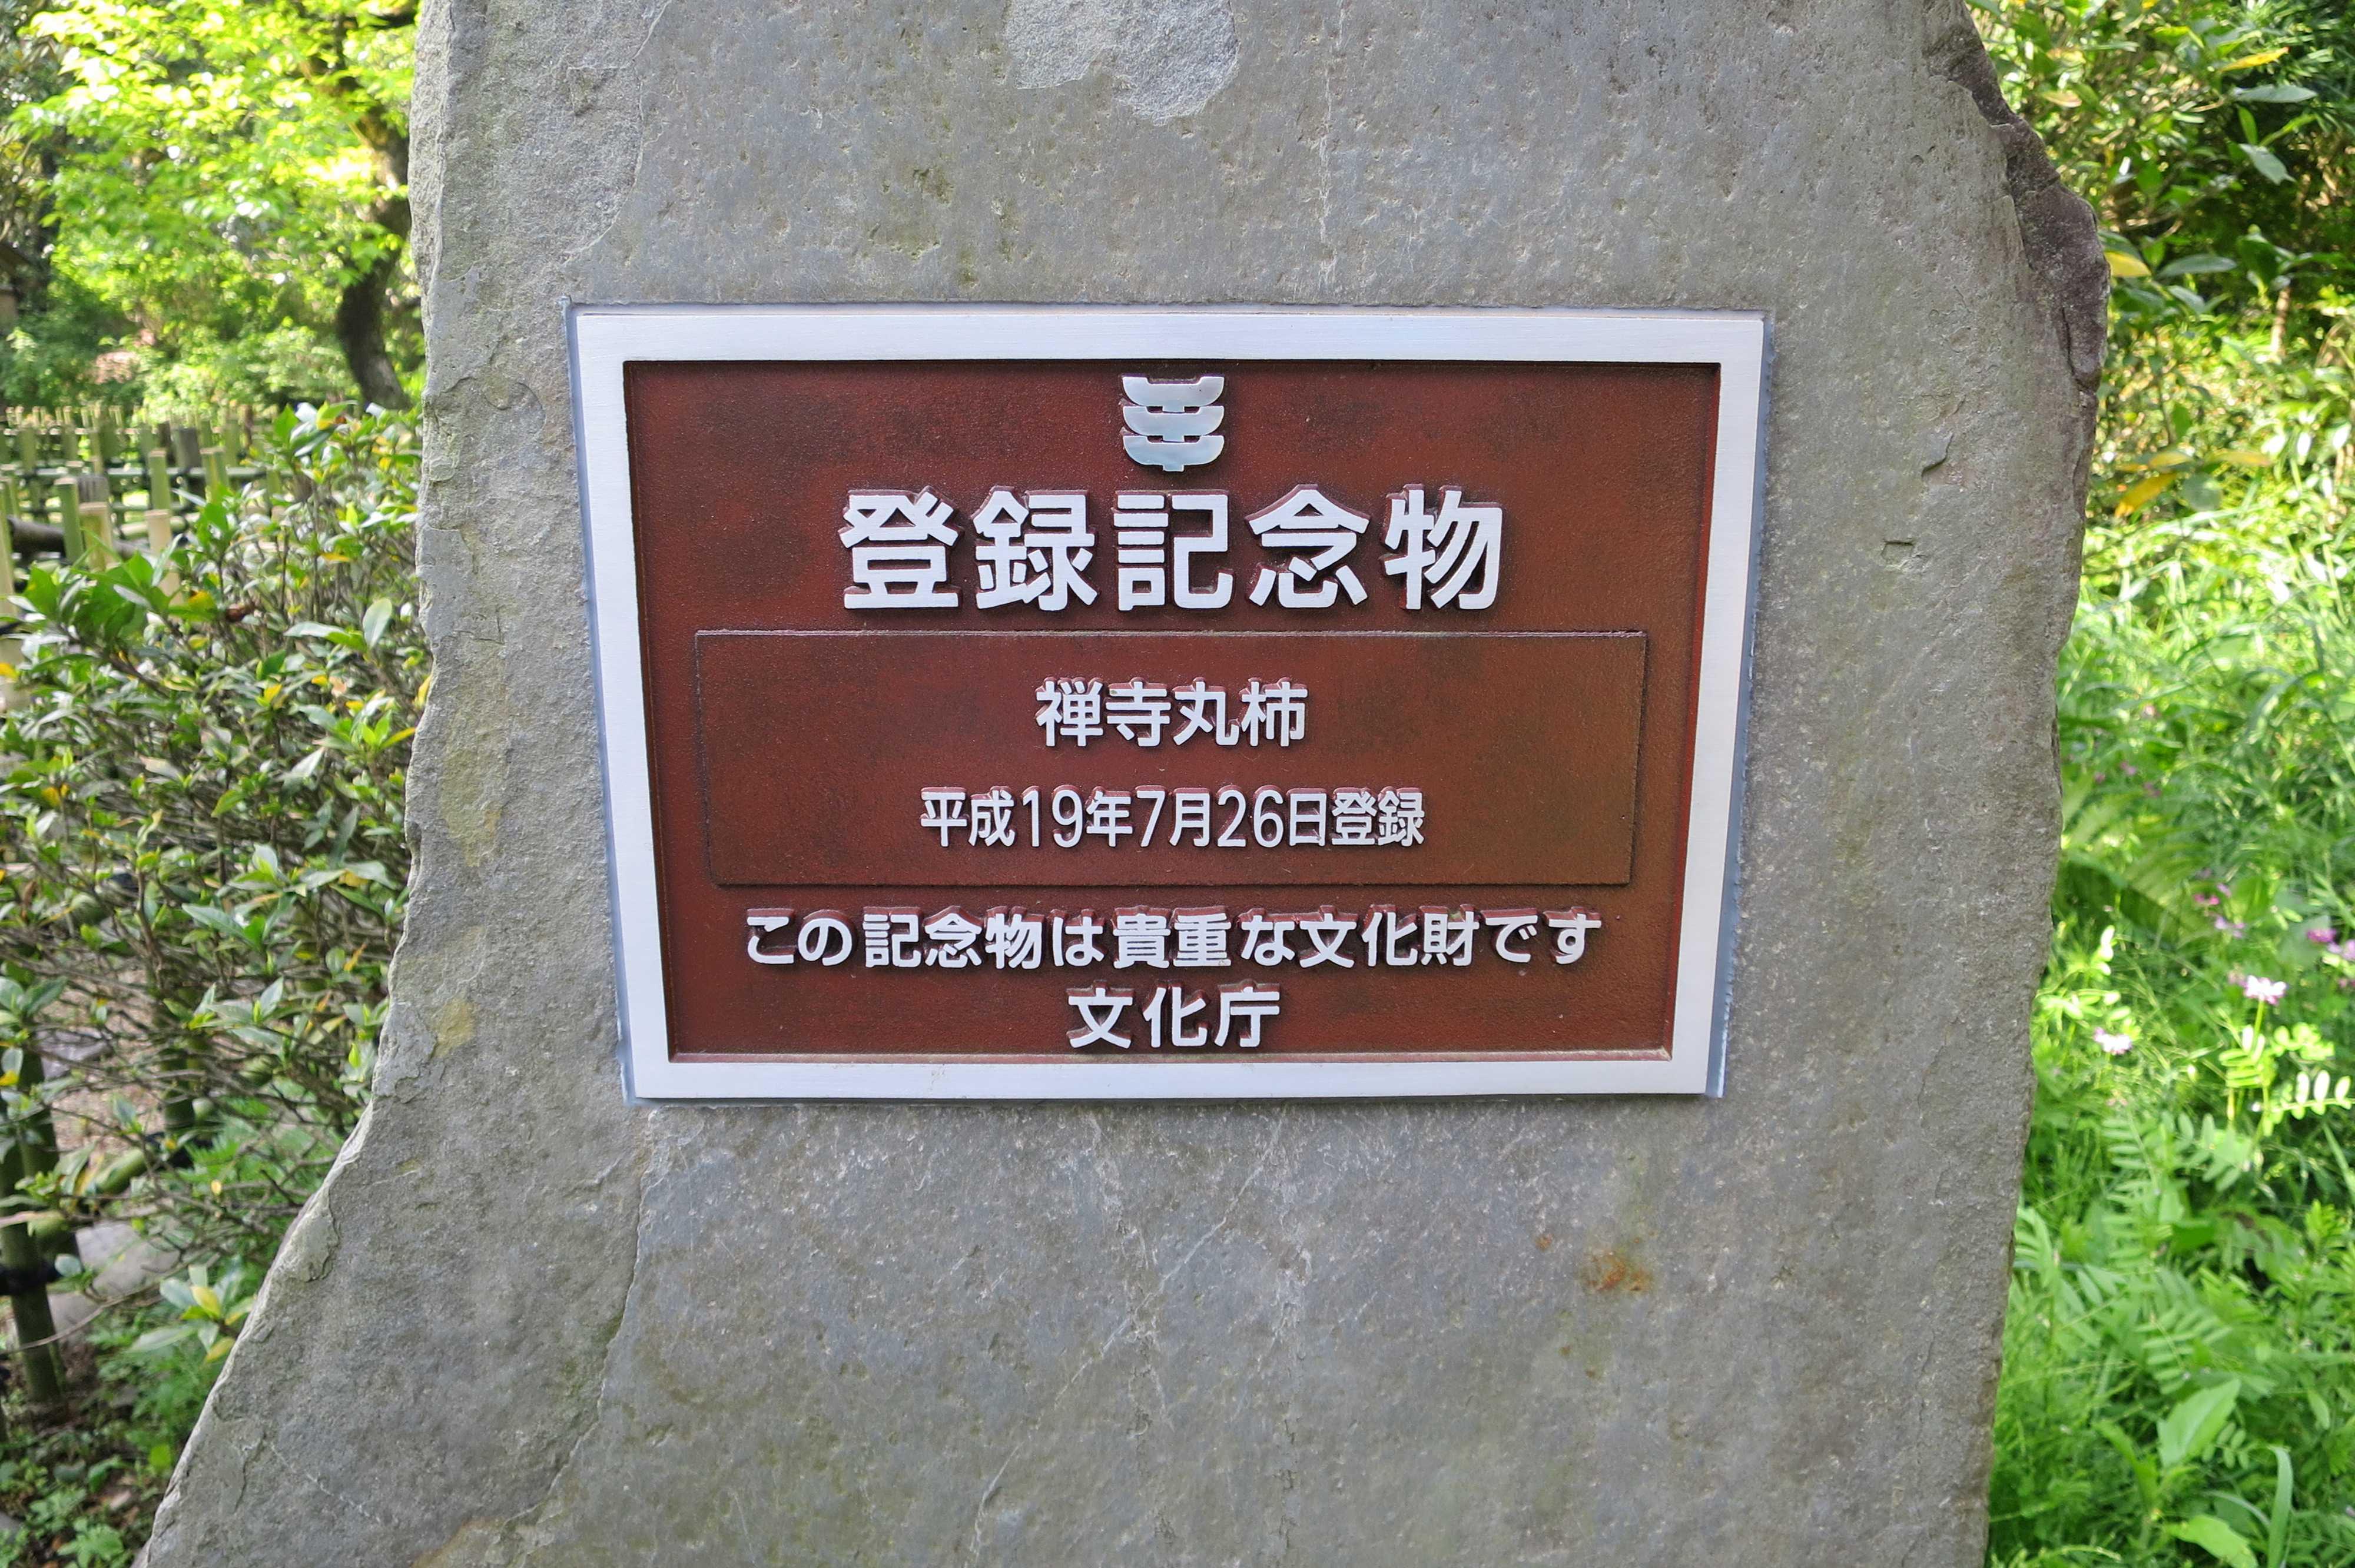 登録記念物 禅寺丸柿 平成19年7月26日登録